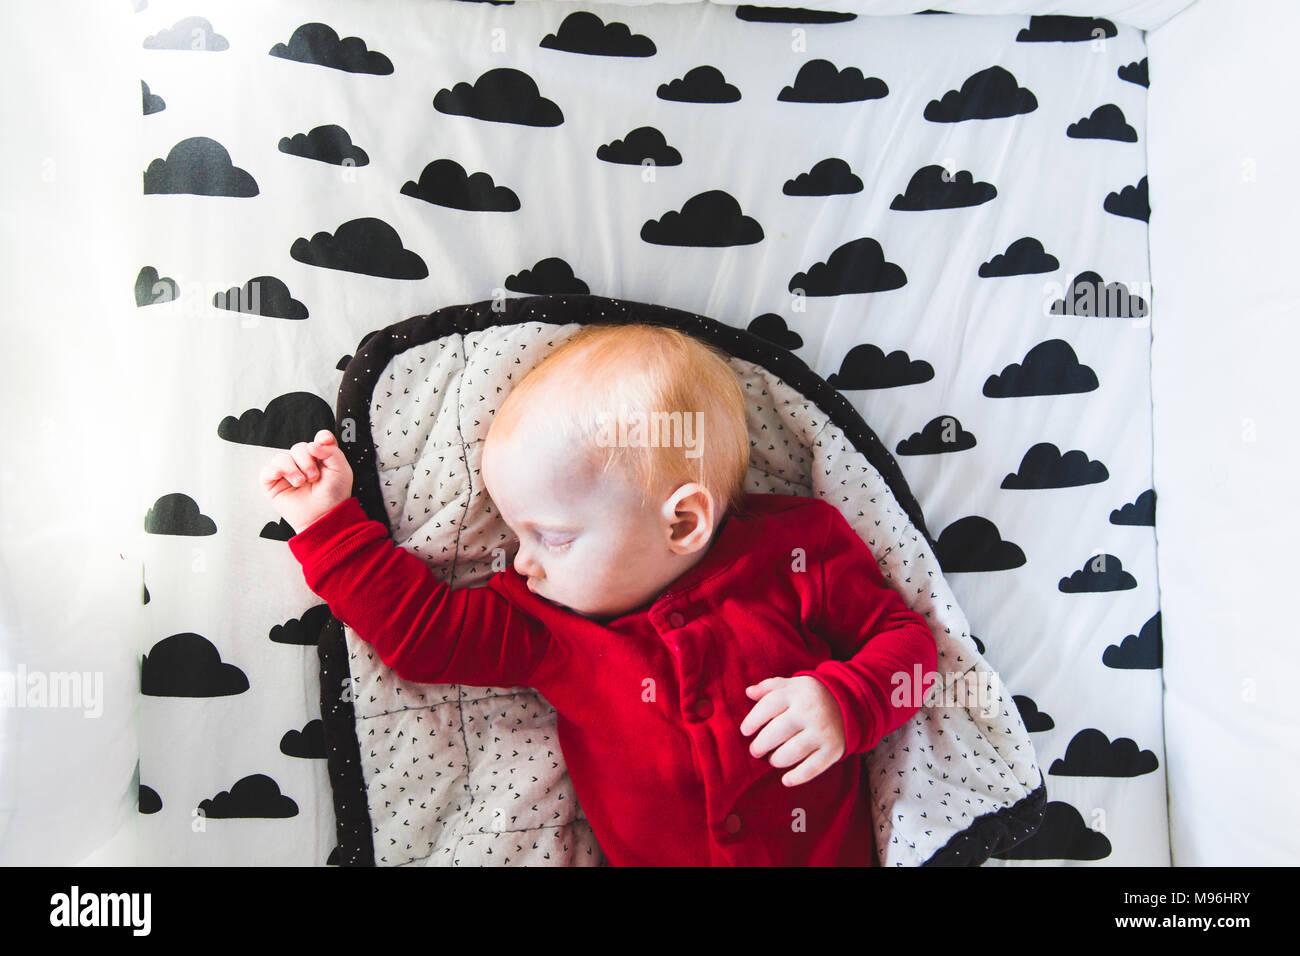 Bebe durmiendo en cama con adhesivo de cloud Imagen De Stock